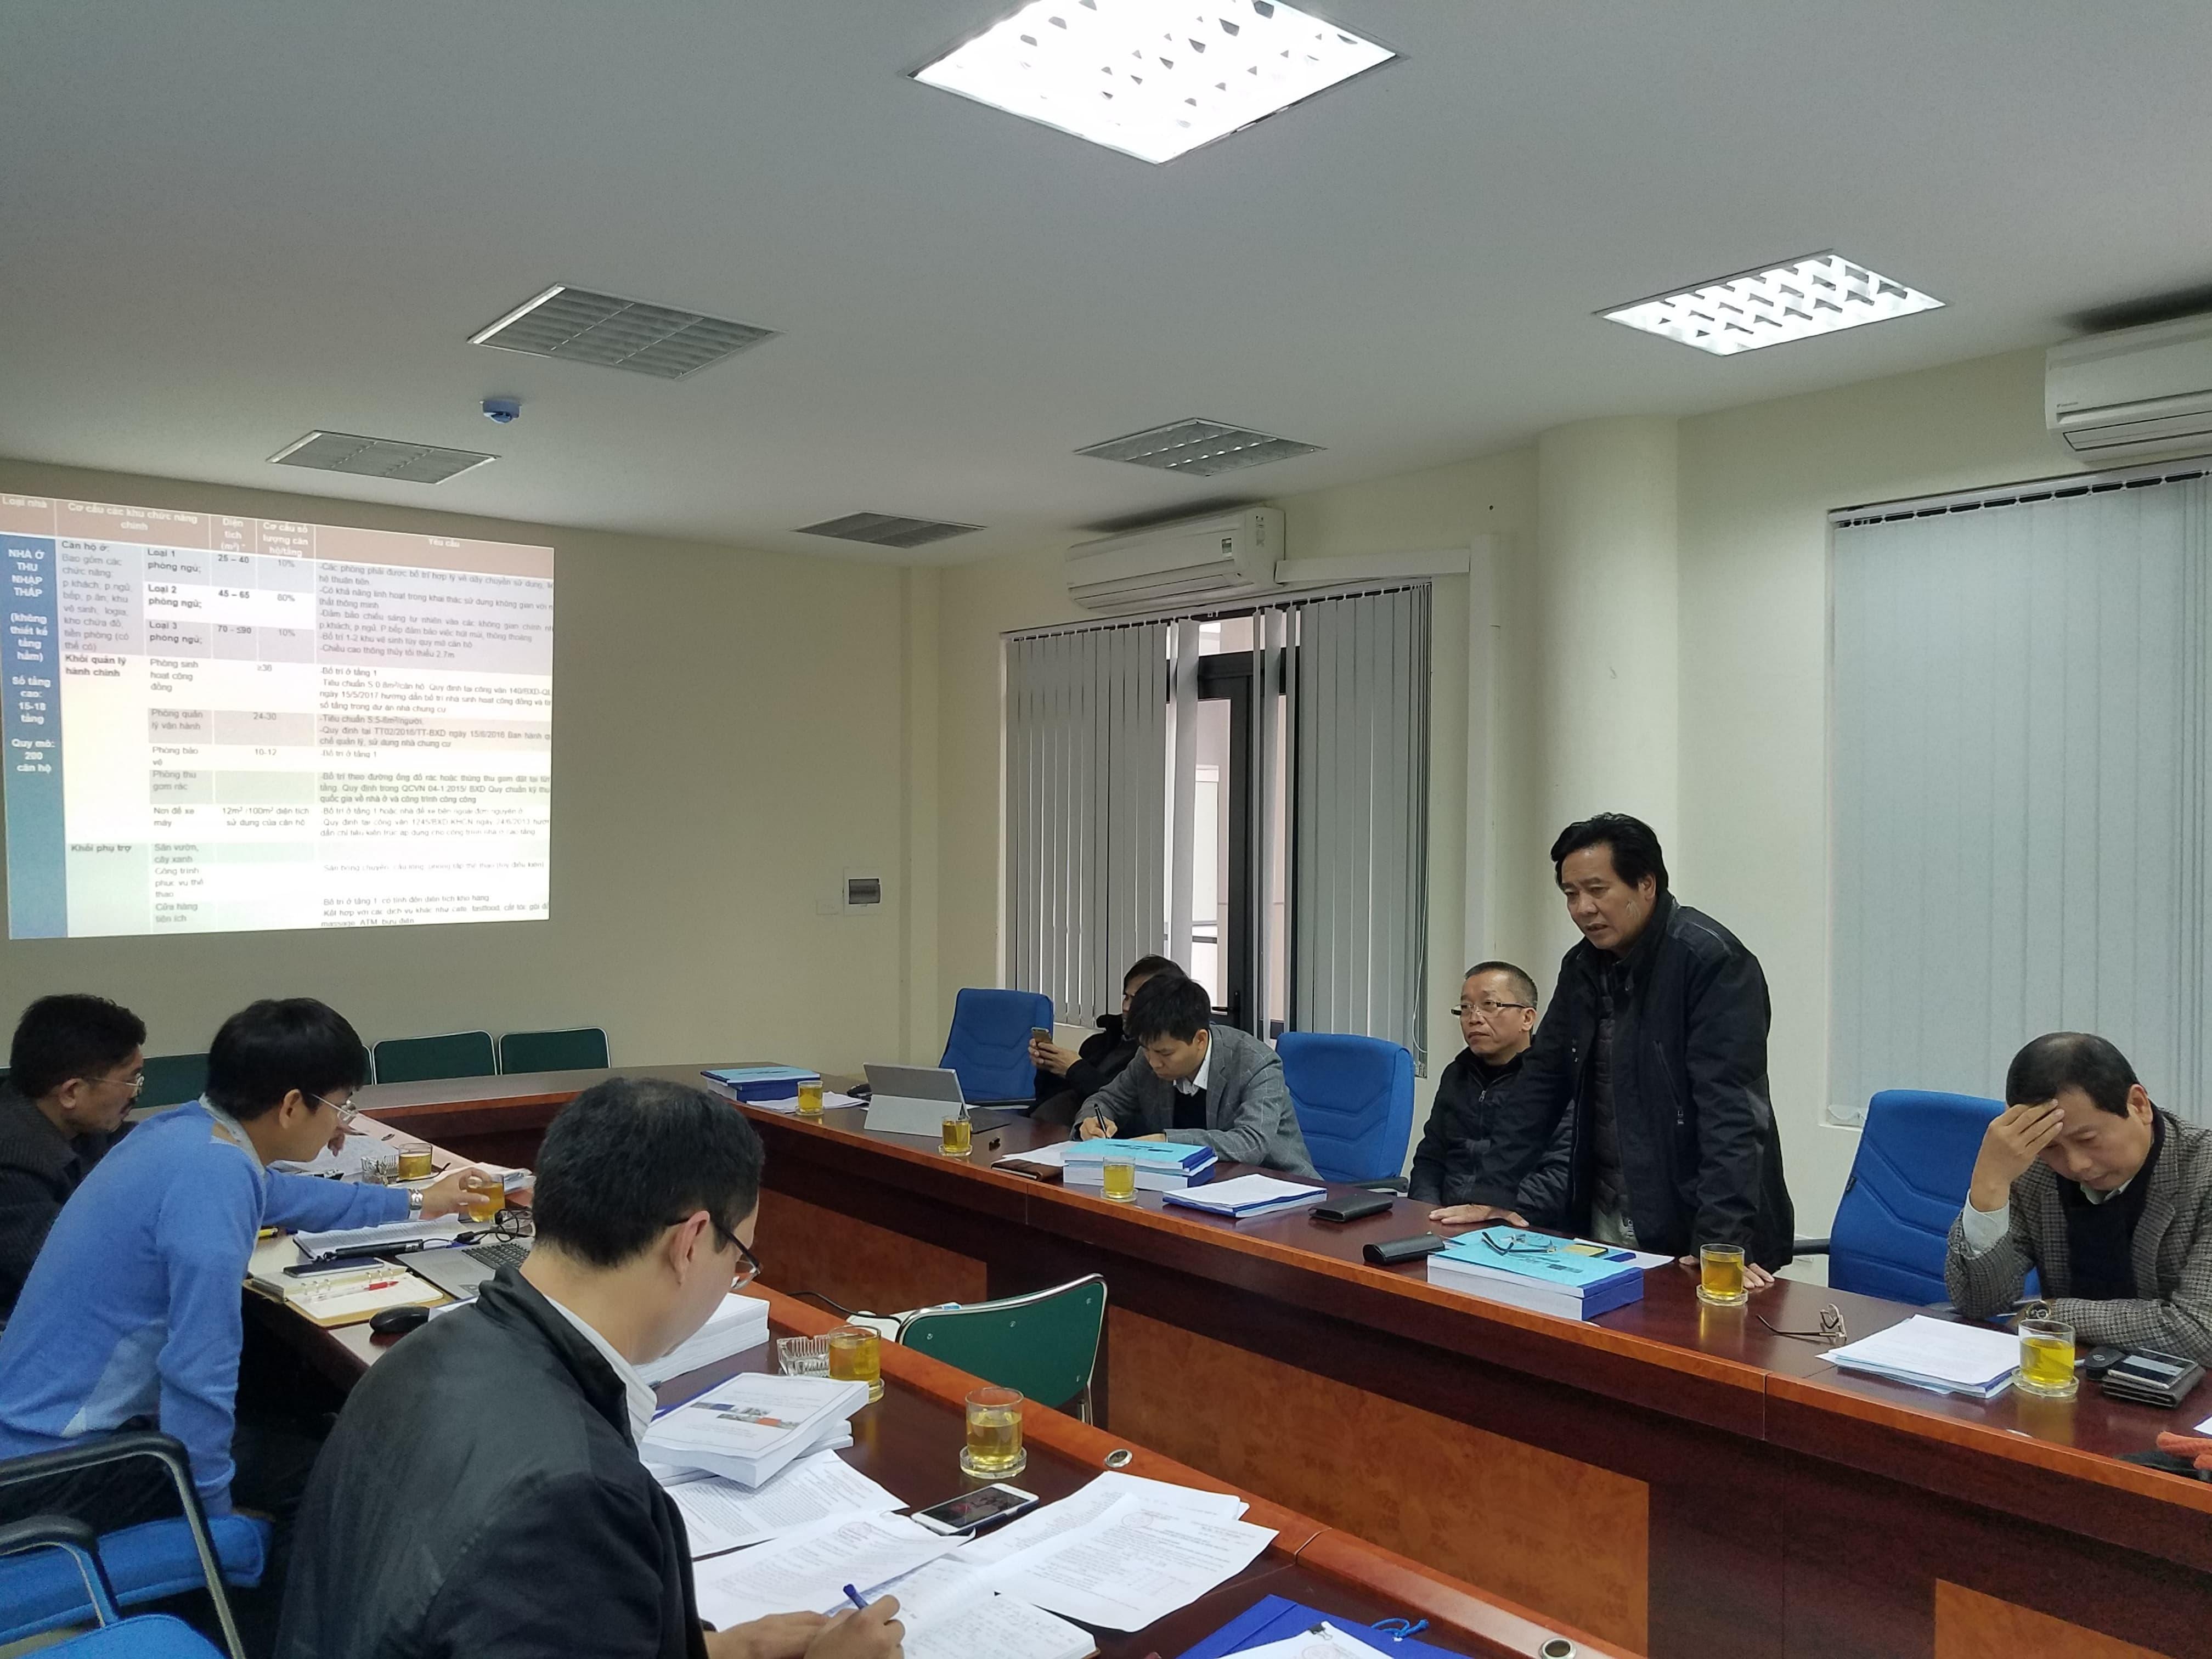 6. Phó viện trưởng Viện Kiến trúc Quốc gia Đặng Tiên Phong, thành viên hội đồng nghiệm thu phát biểu tại buổi làm việc